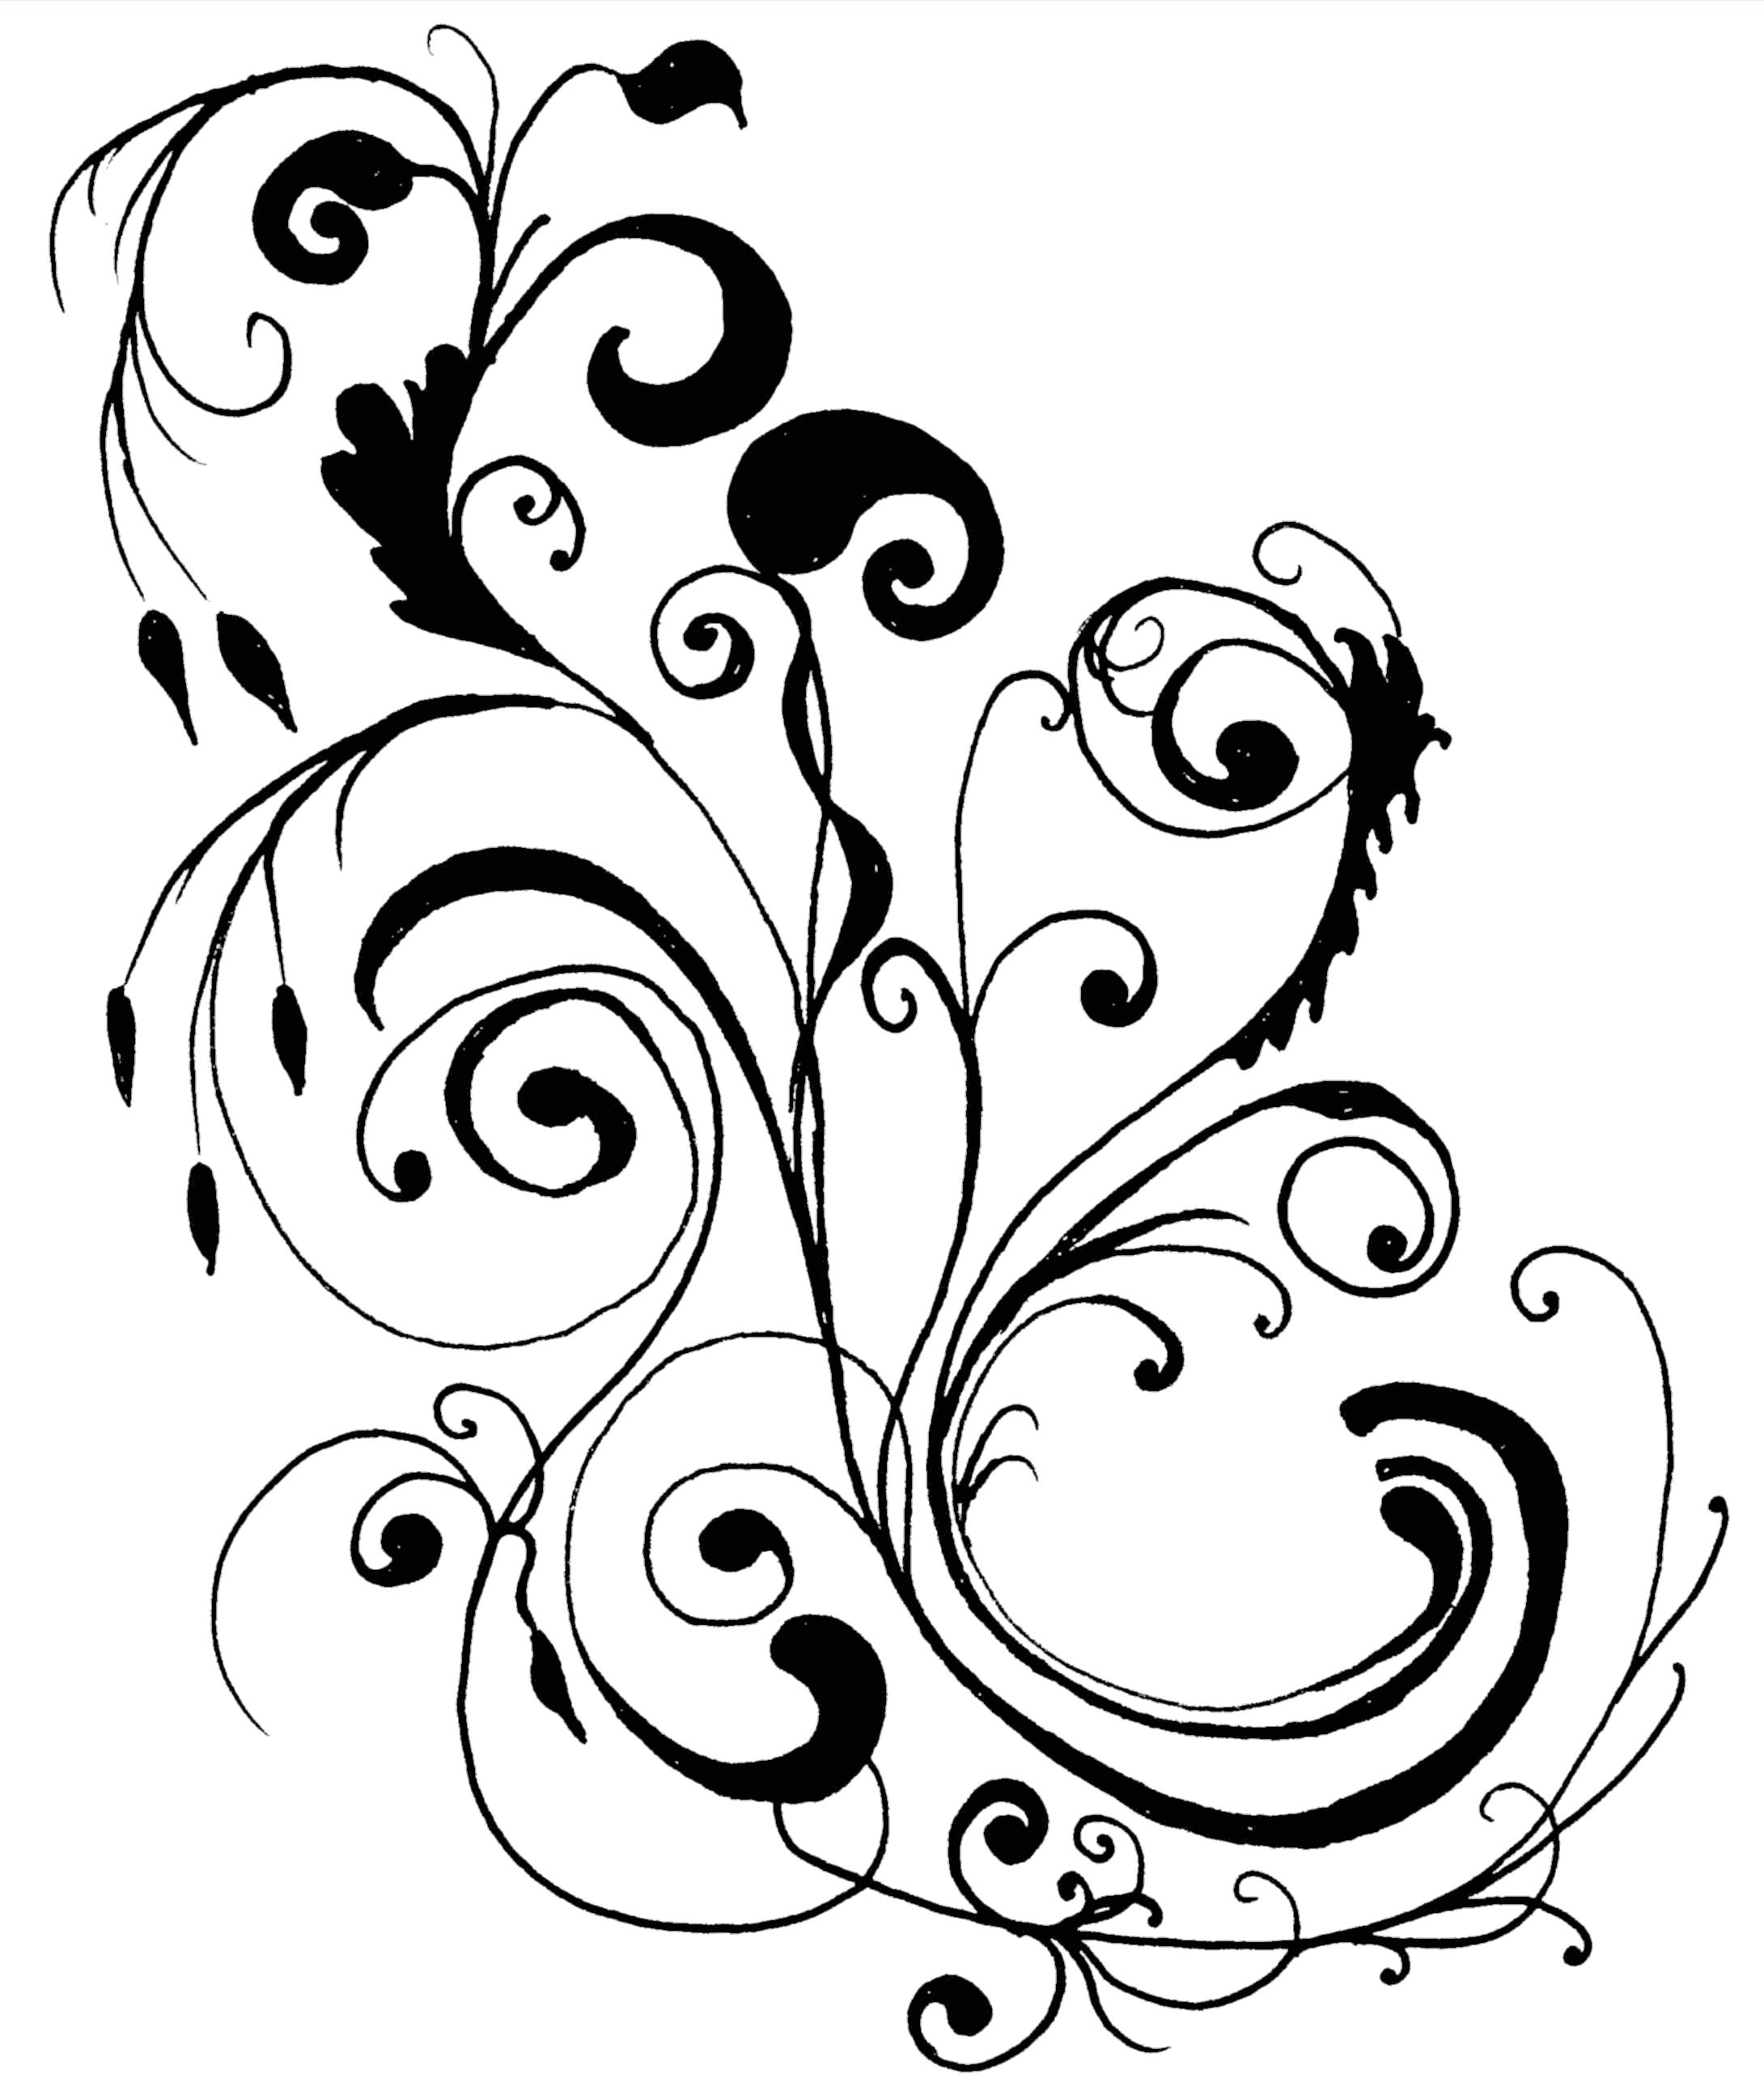 14 Free Clip Art Line Designs Images